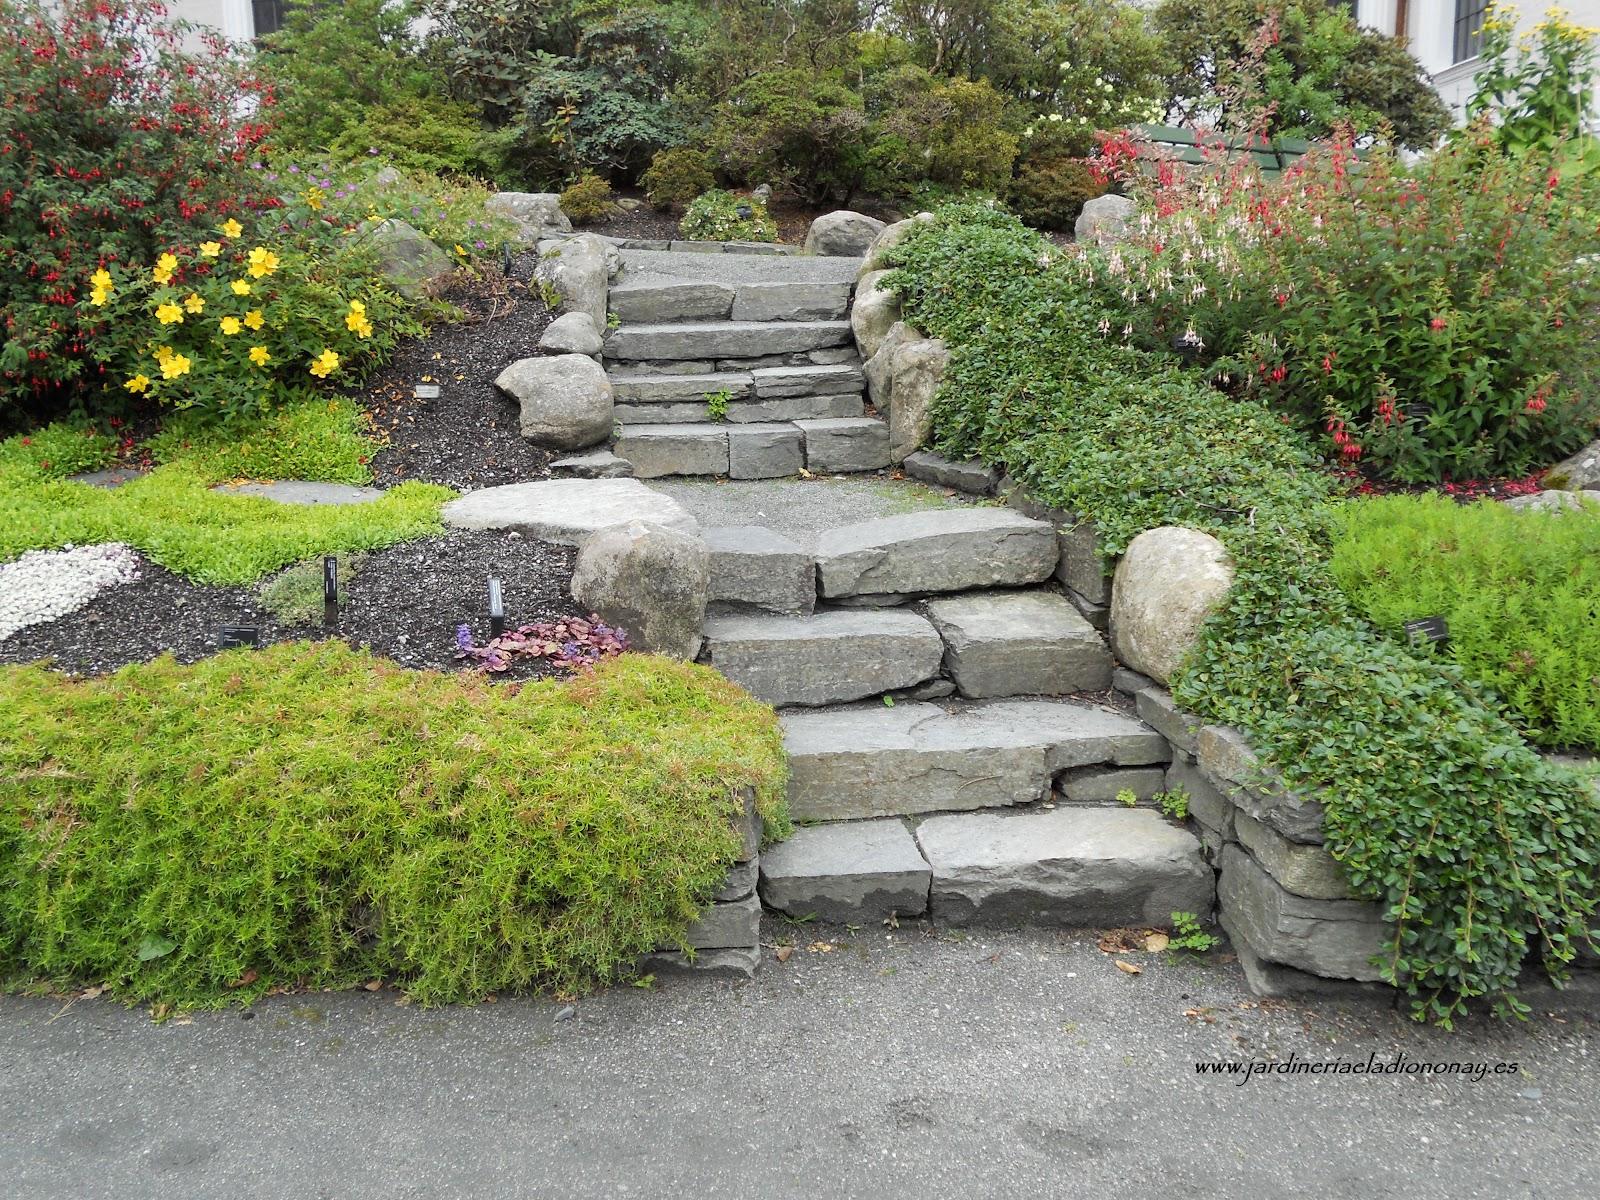 Jardineria eladio nonay escaleras como parte del jard n for Escaleras para caminar fuera del jardin